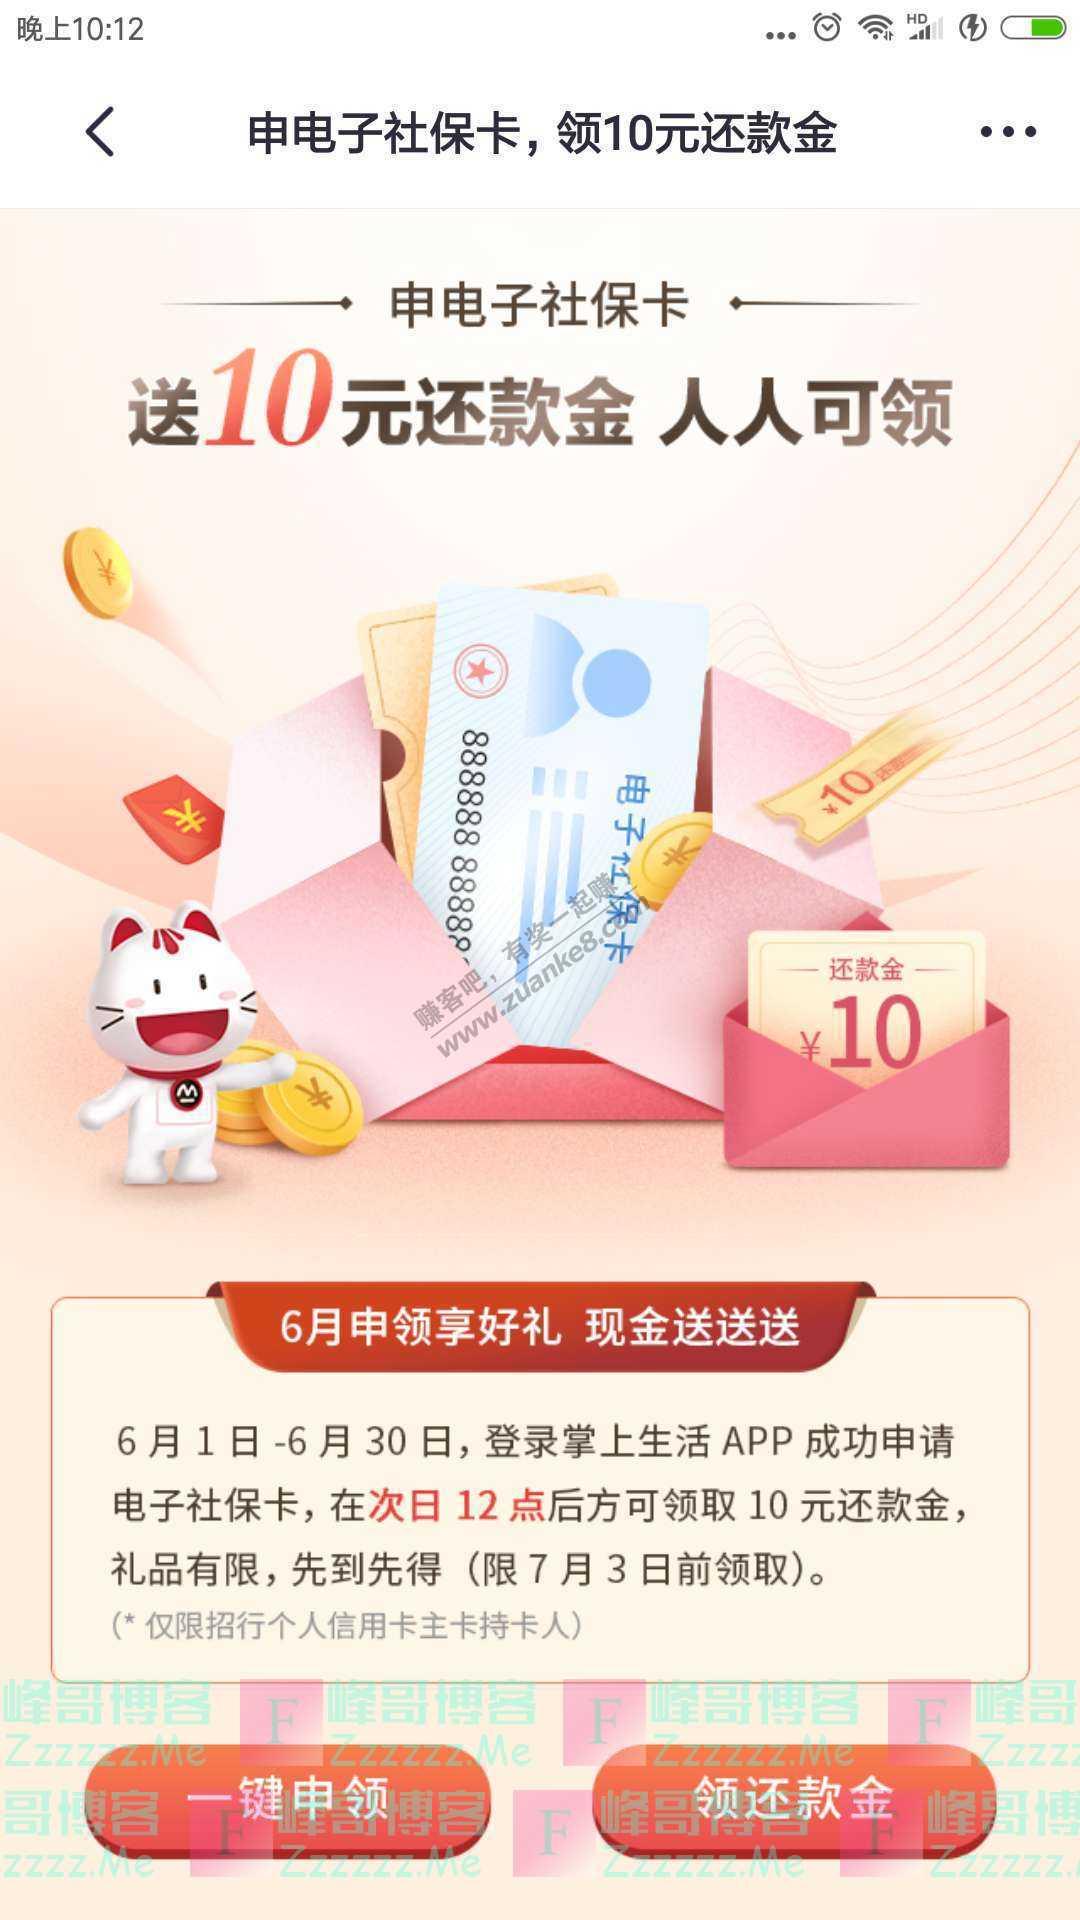 掌上生活申电子社保卡 领10元还款金(截止6月30日)